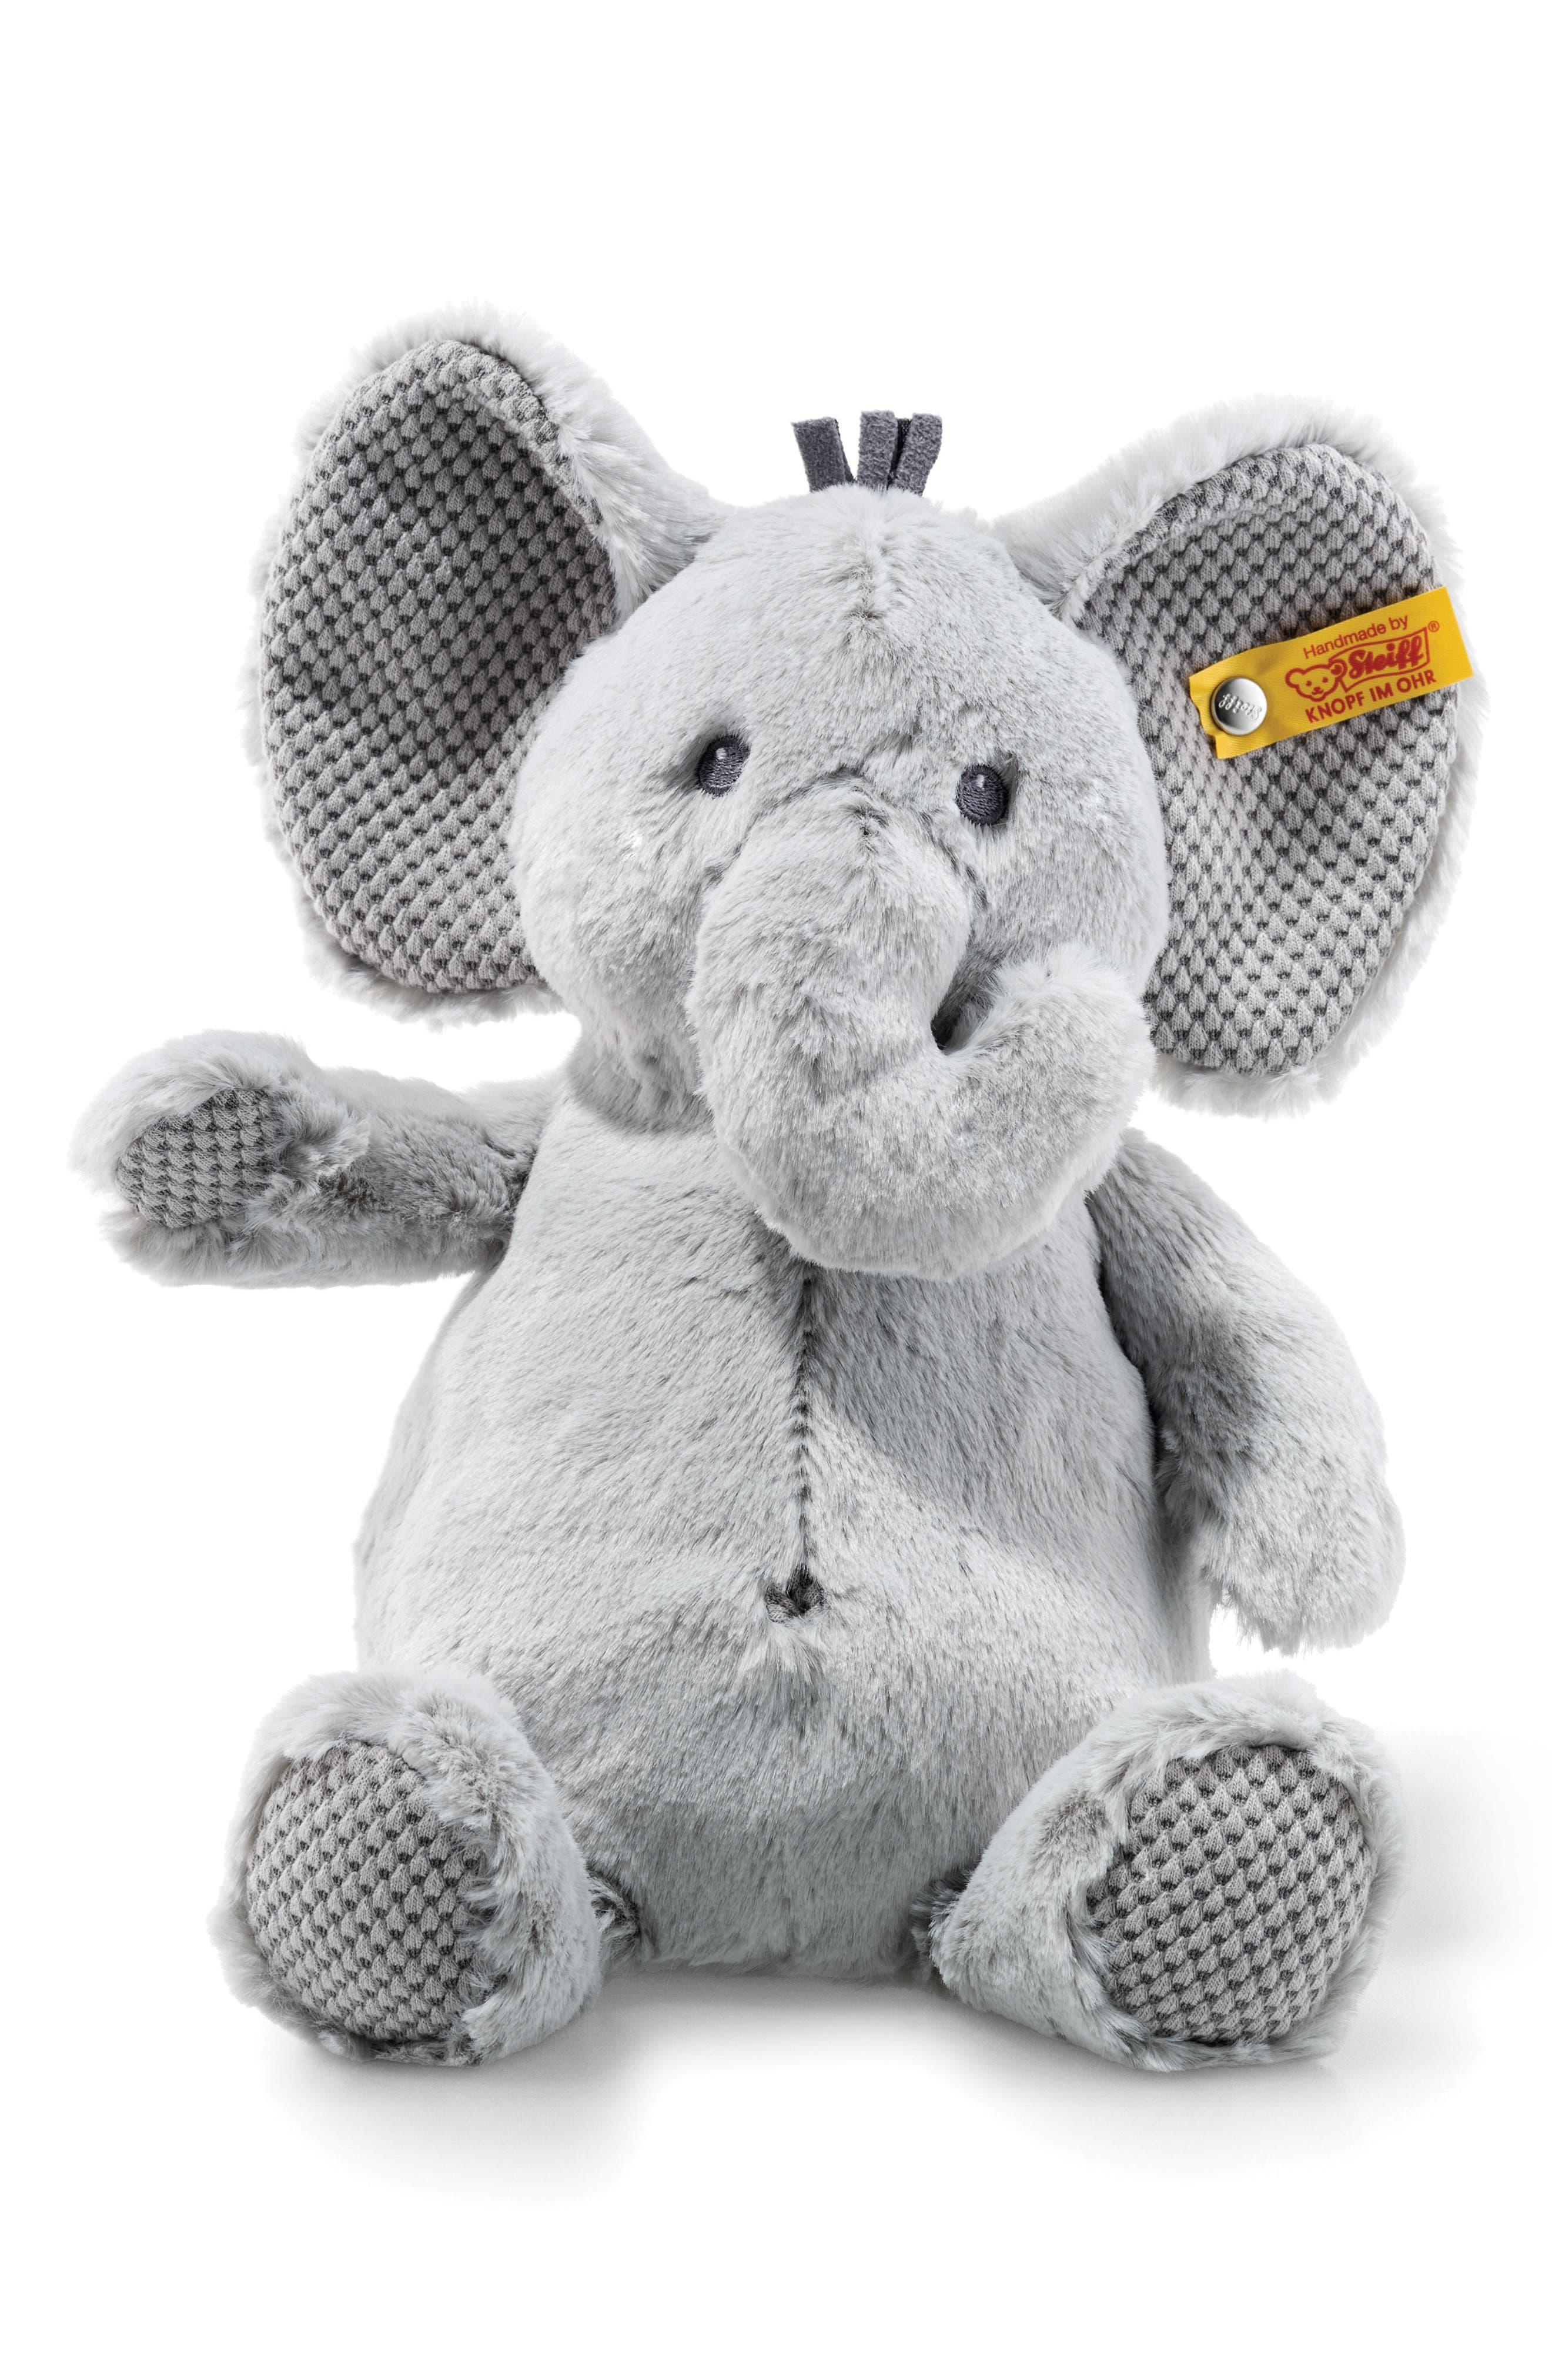 Main Image - Steiff Ellie Elephant Stuffed Animal